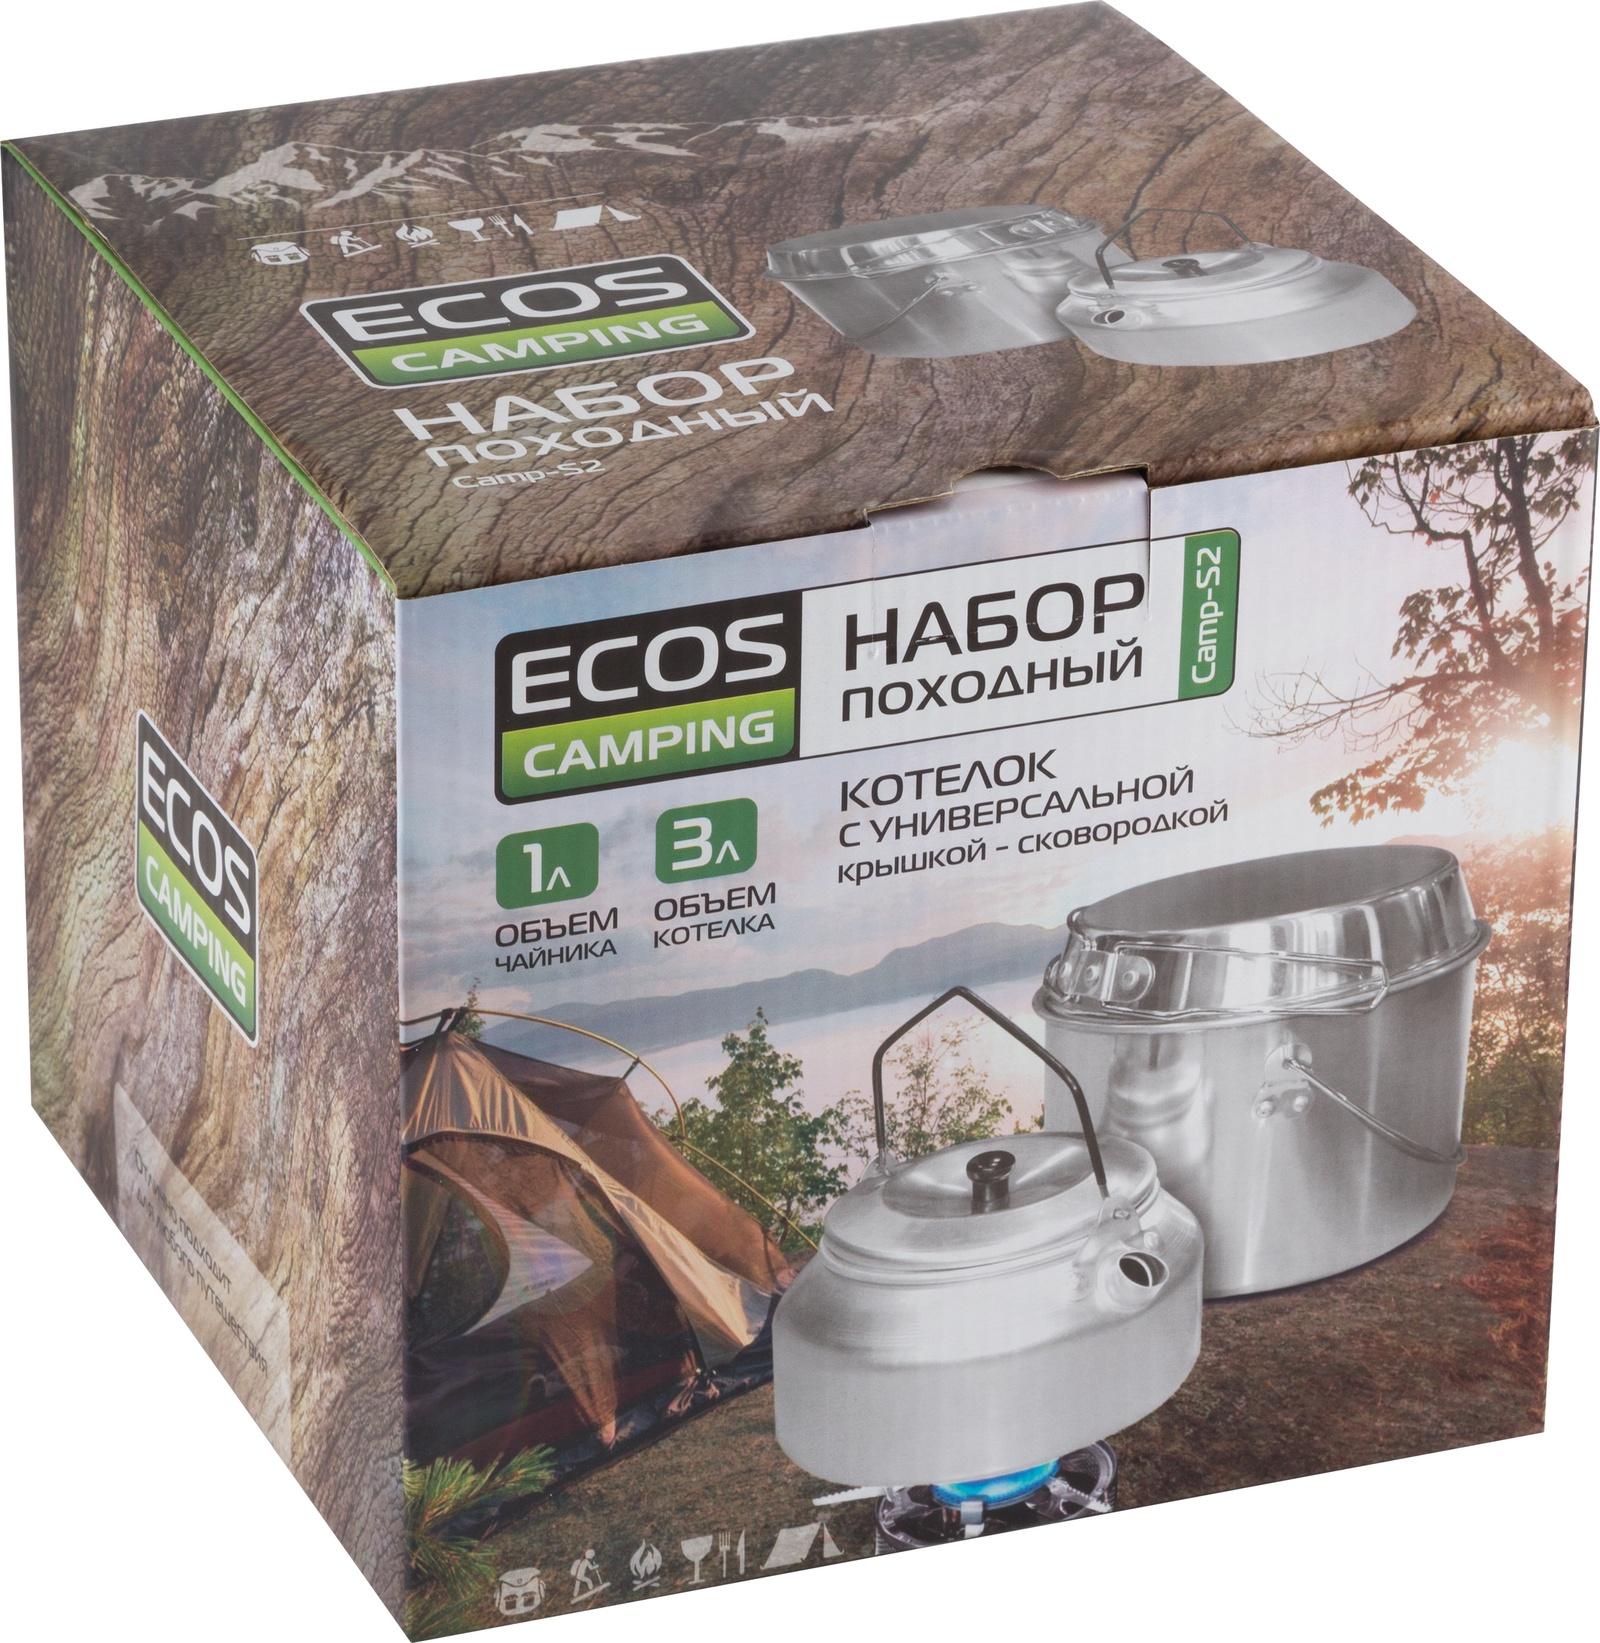 Комплект посуды для приготовления Ecos Camp-S2, серебристый чайник 1 3 л птицы santafe чайник 1 3 л птицы